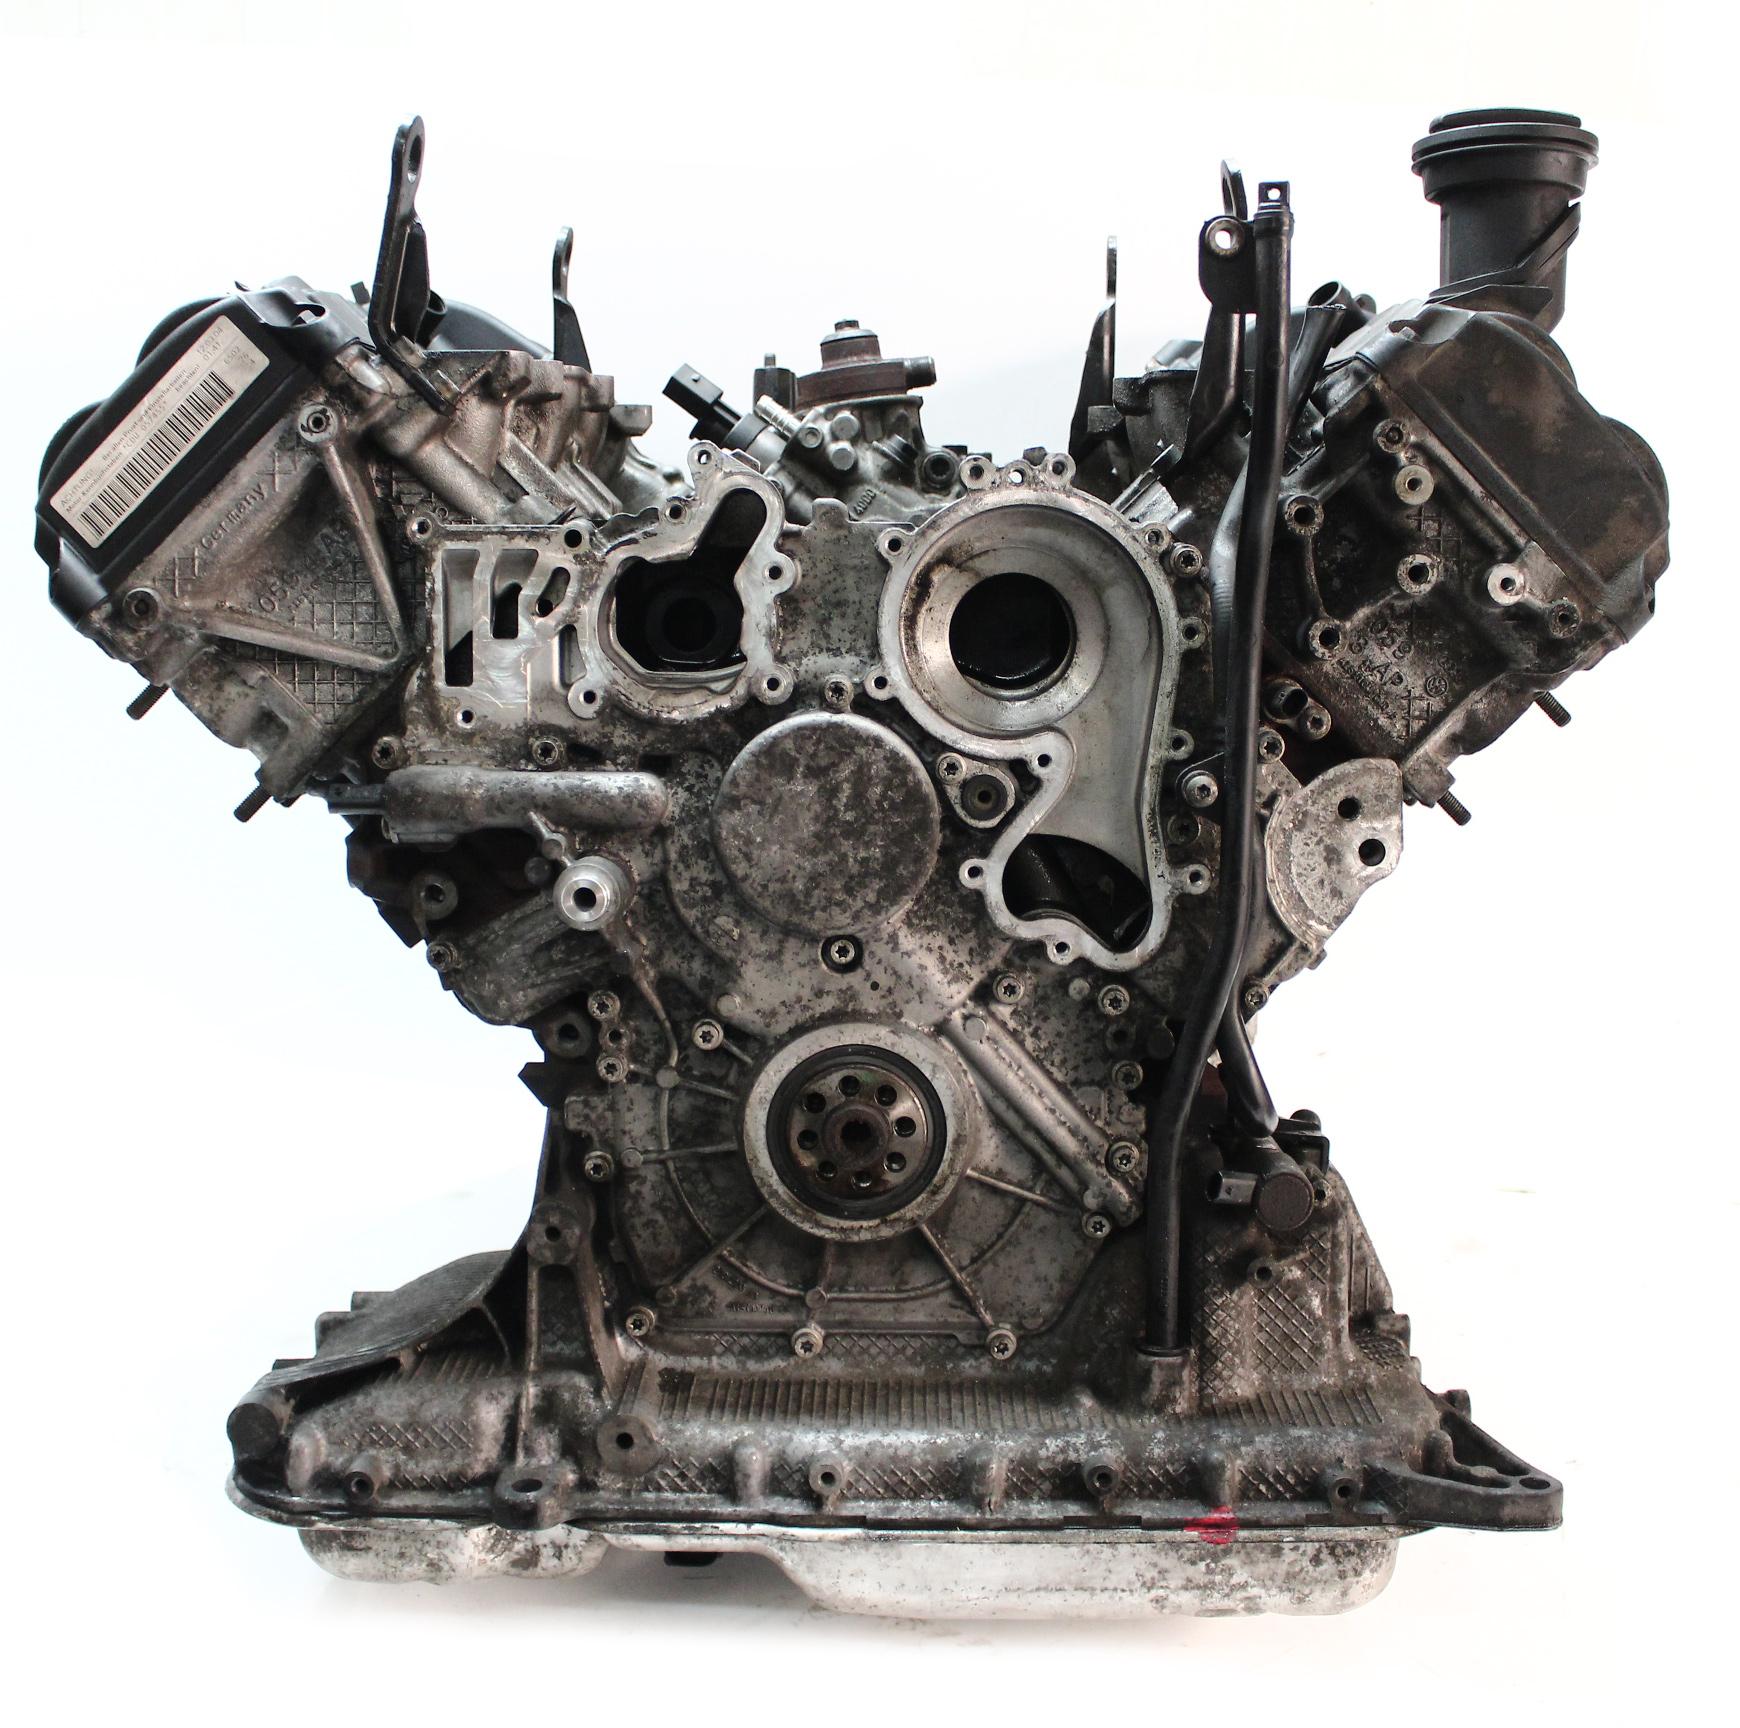 Motor 2011 Audi 3,0 TDI Diesel CDU CDUC CDUD 245 PS